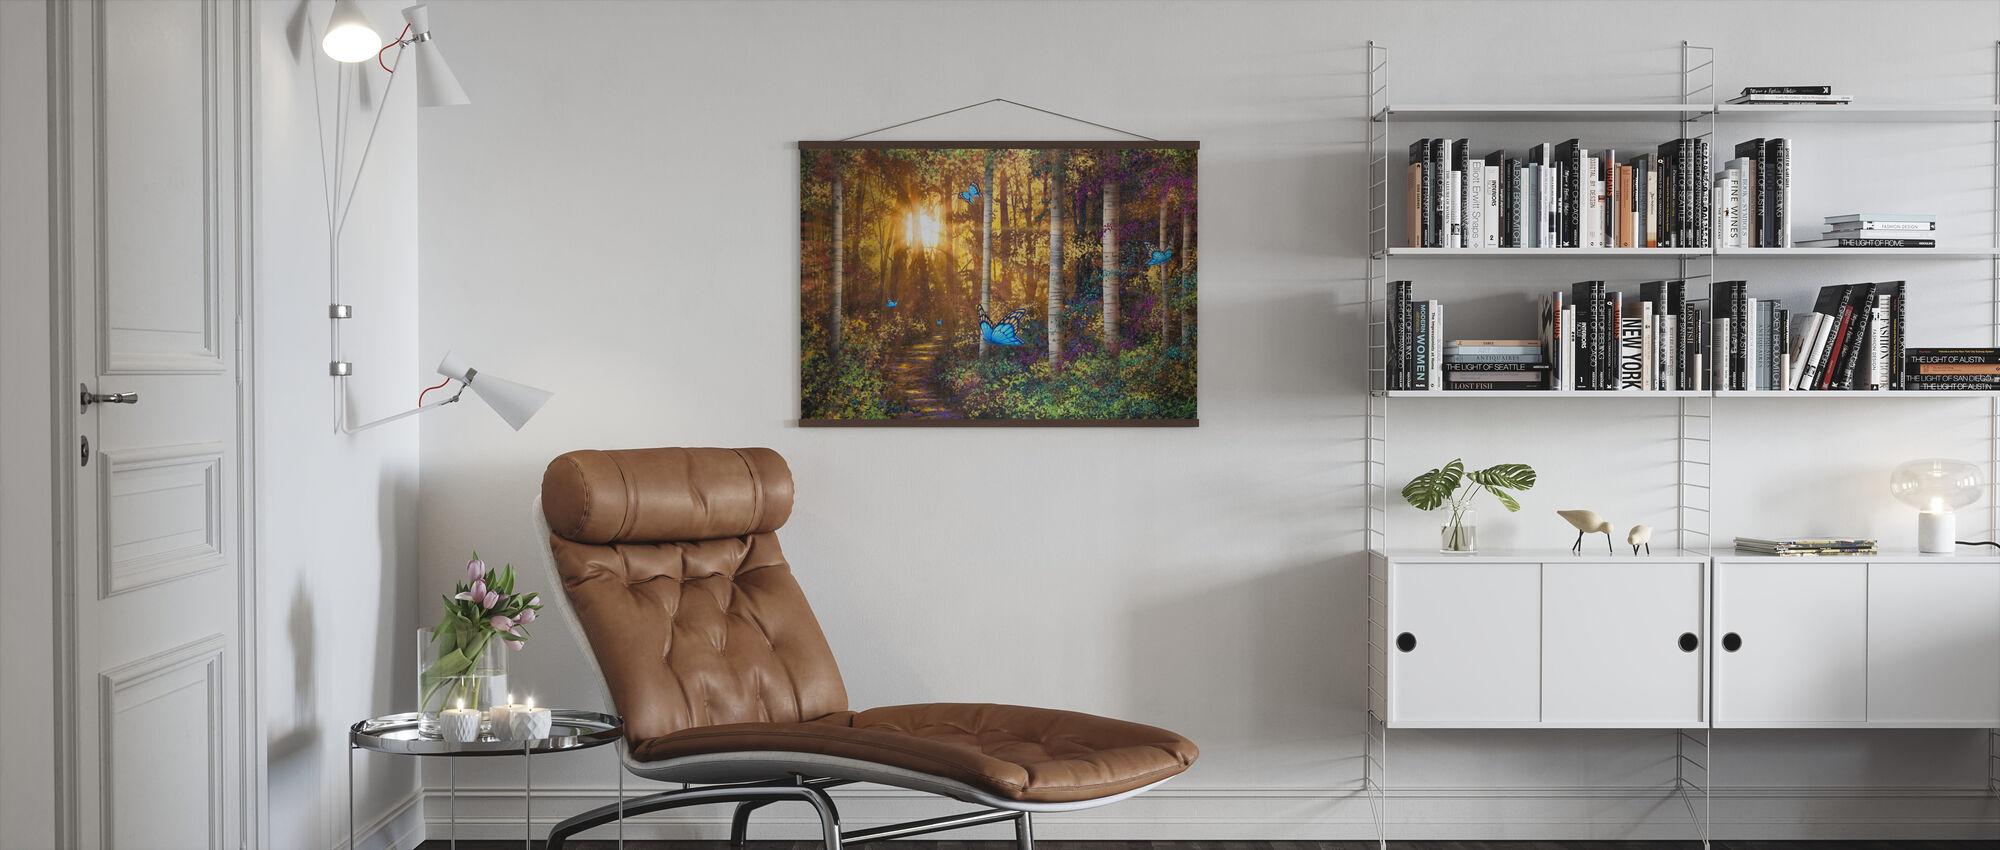 Bospad met vlinders - Poster - Woonkamer